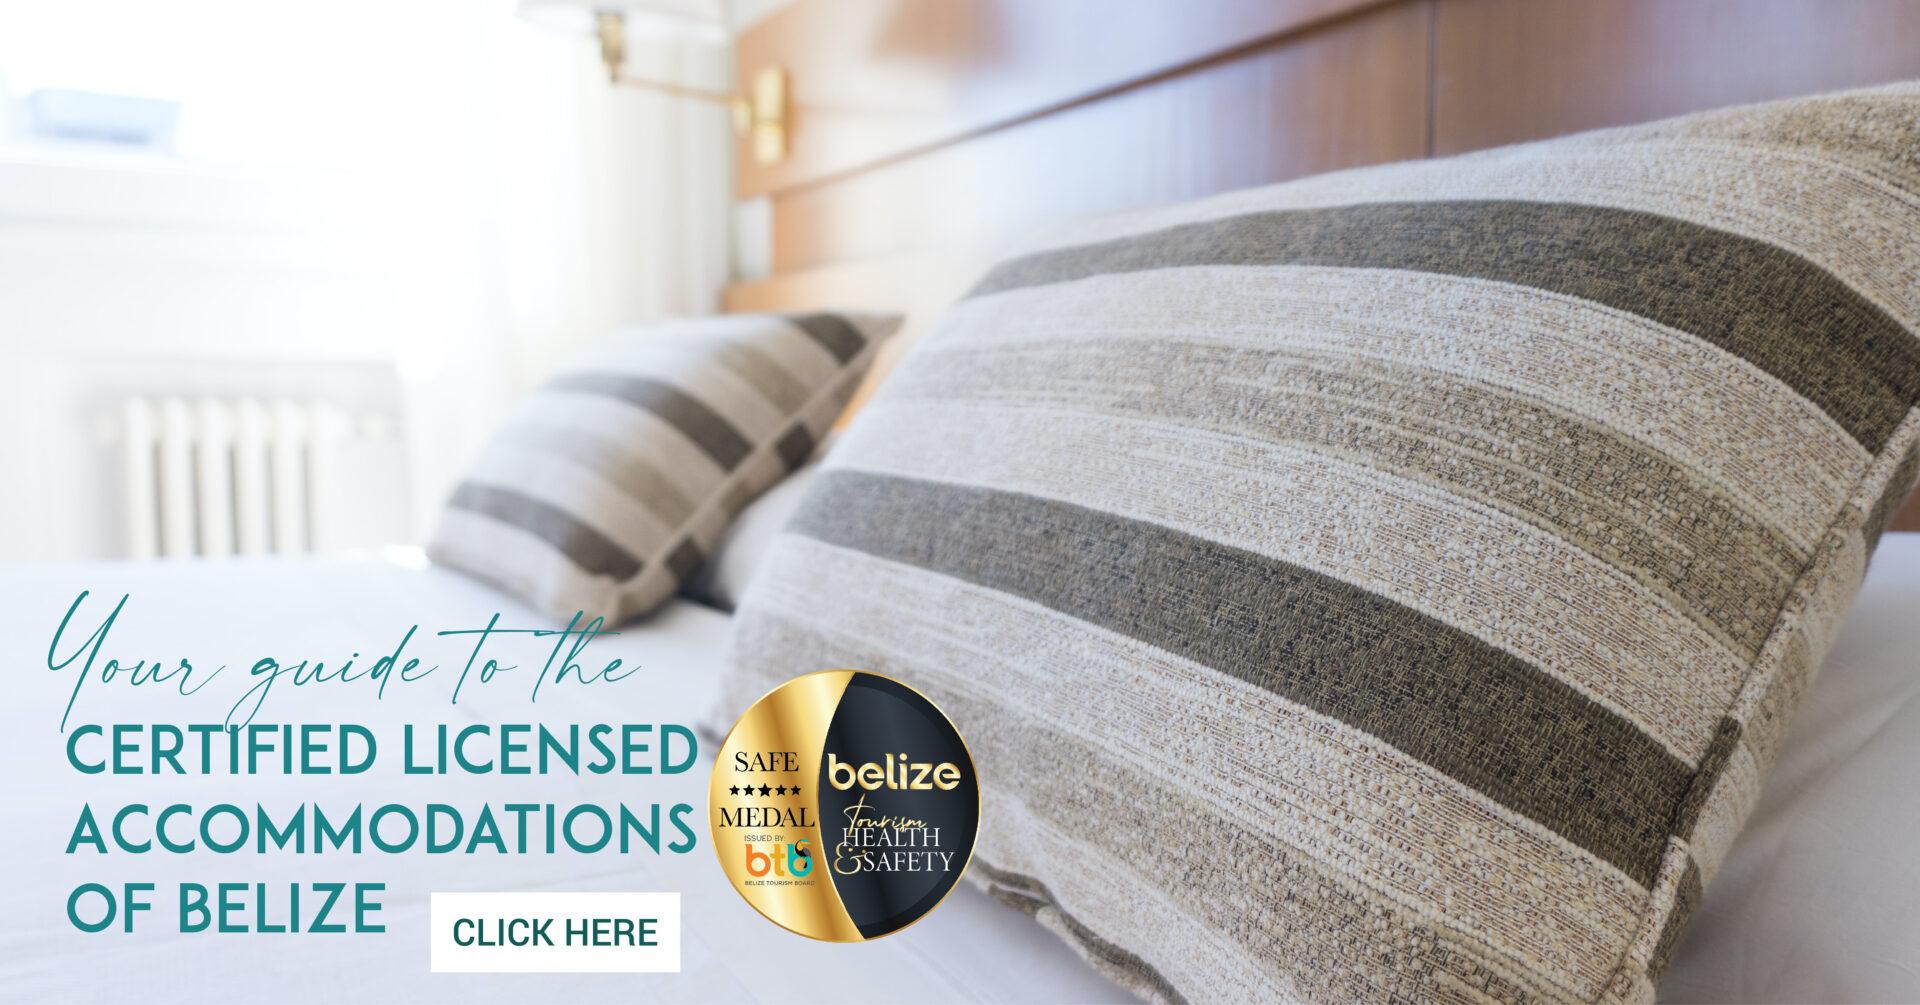 gold-standard-hotels-belize-02